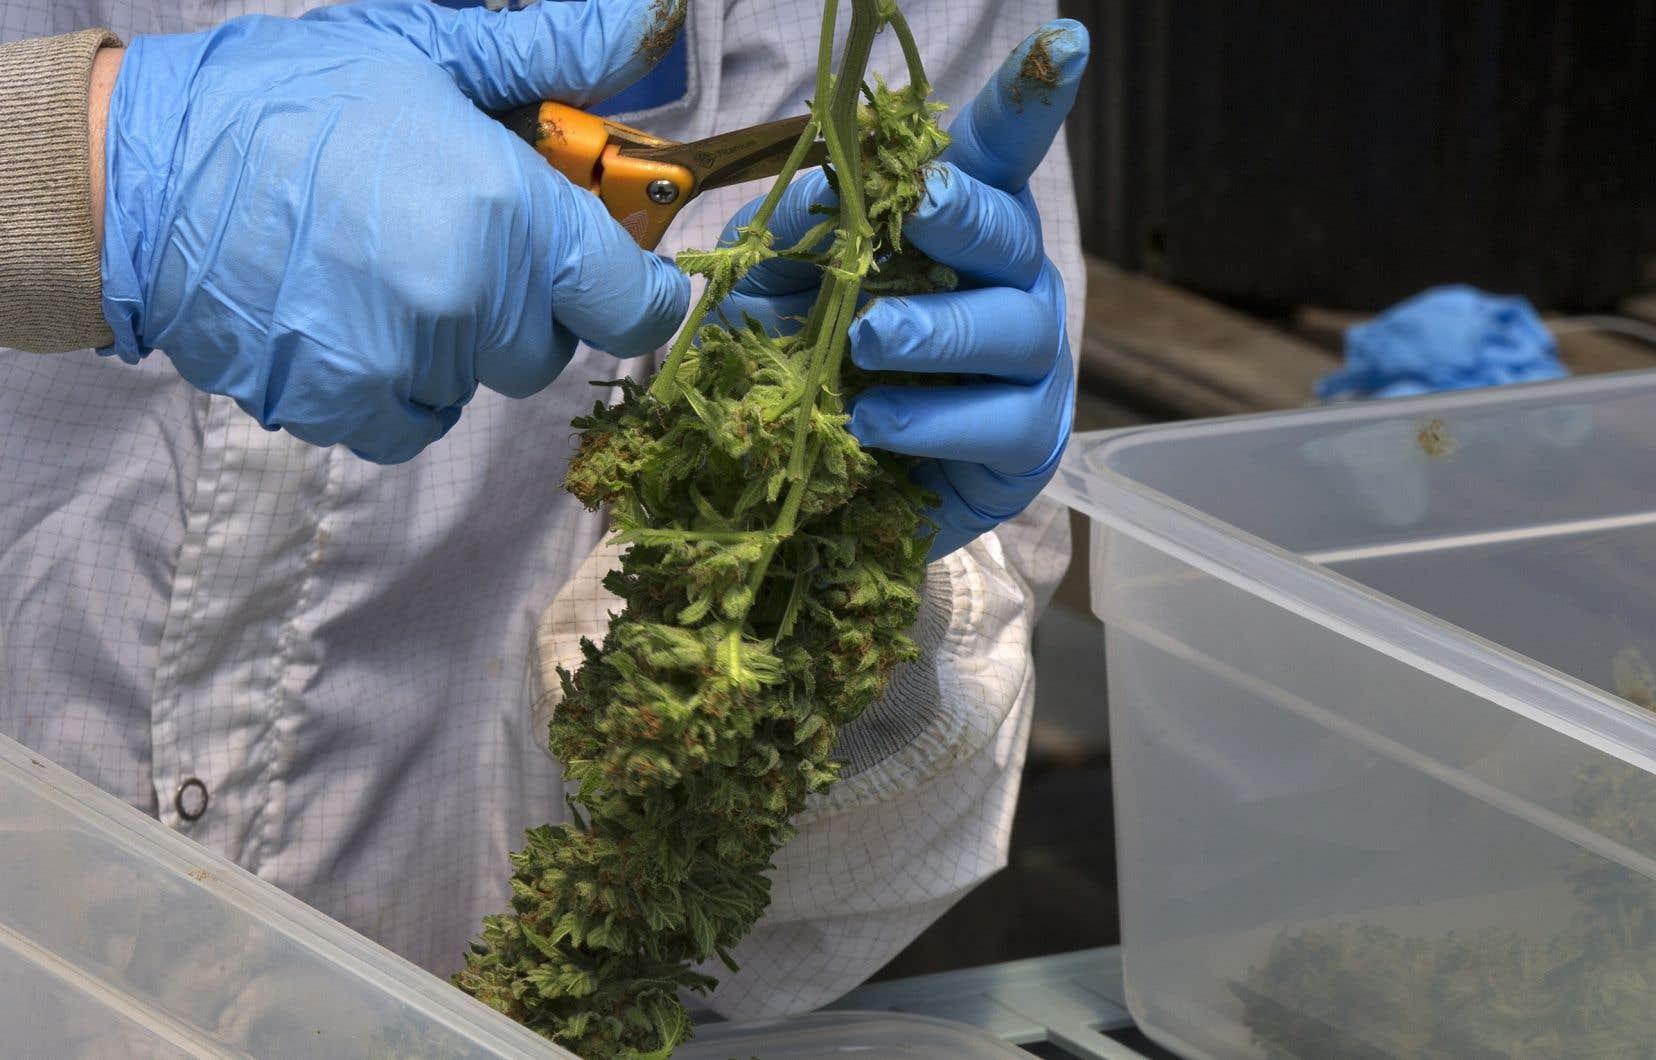 Le programme d'attestation d'études collégiales offrirait des cours de base en horticulture, en biochimie et en gestion, notamment.